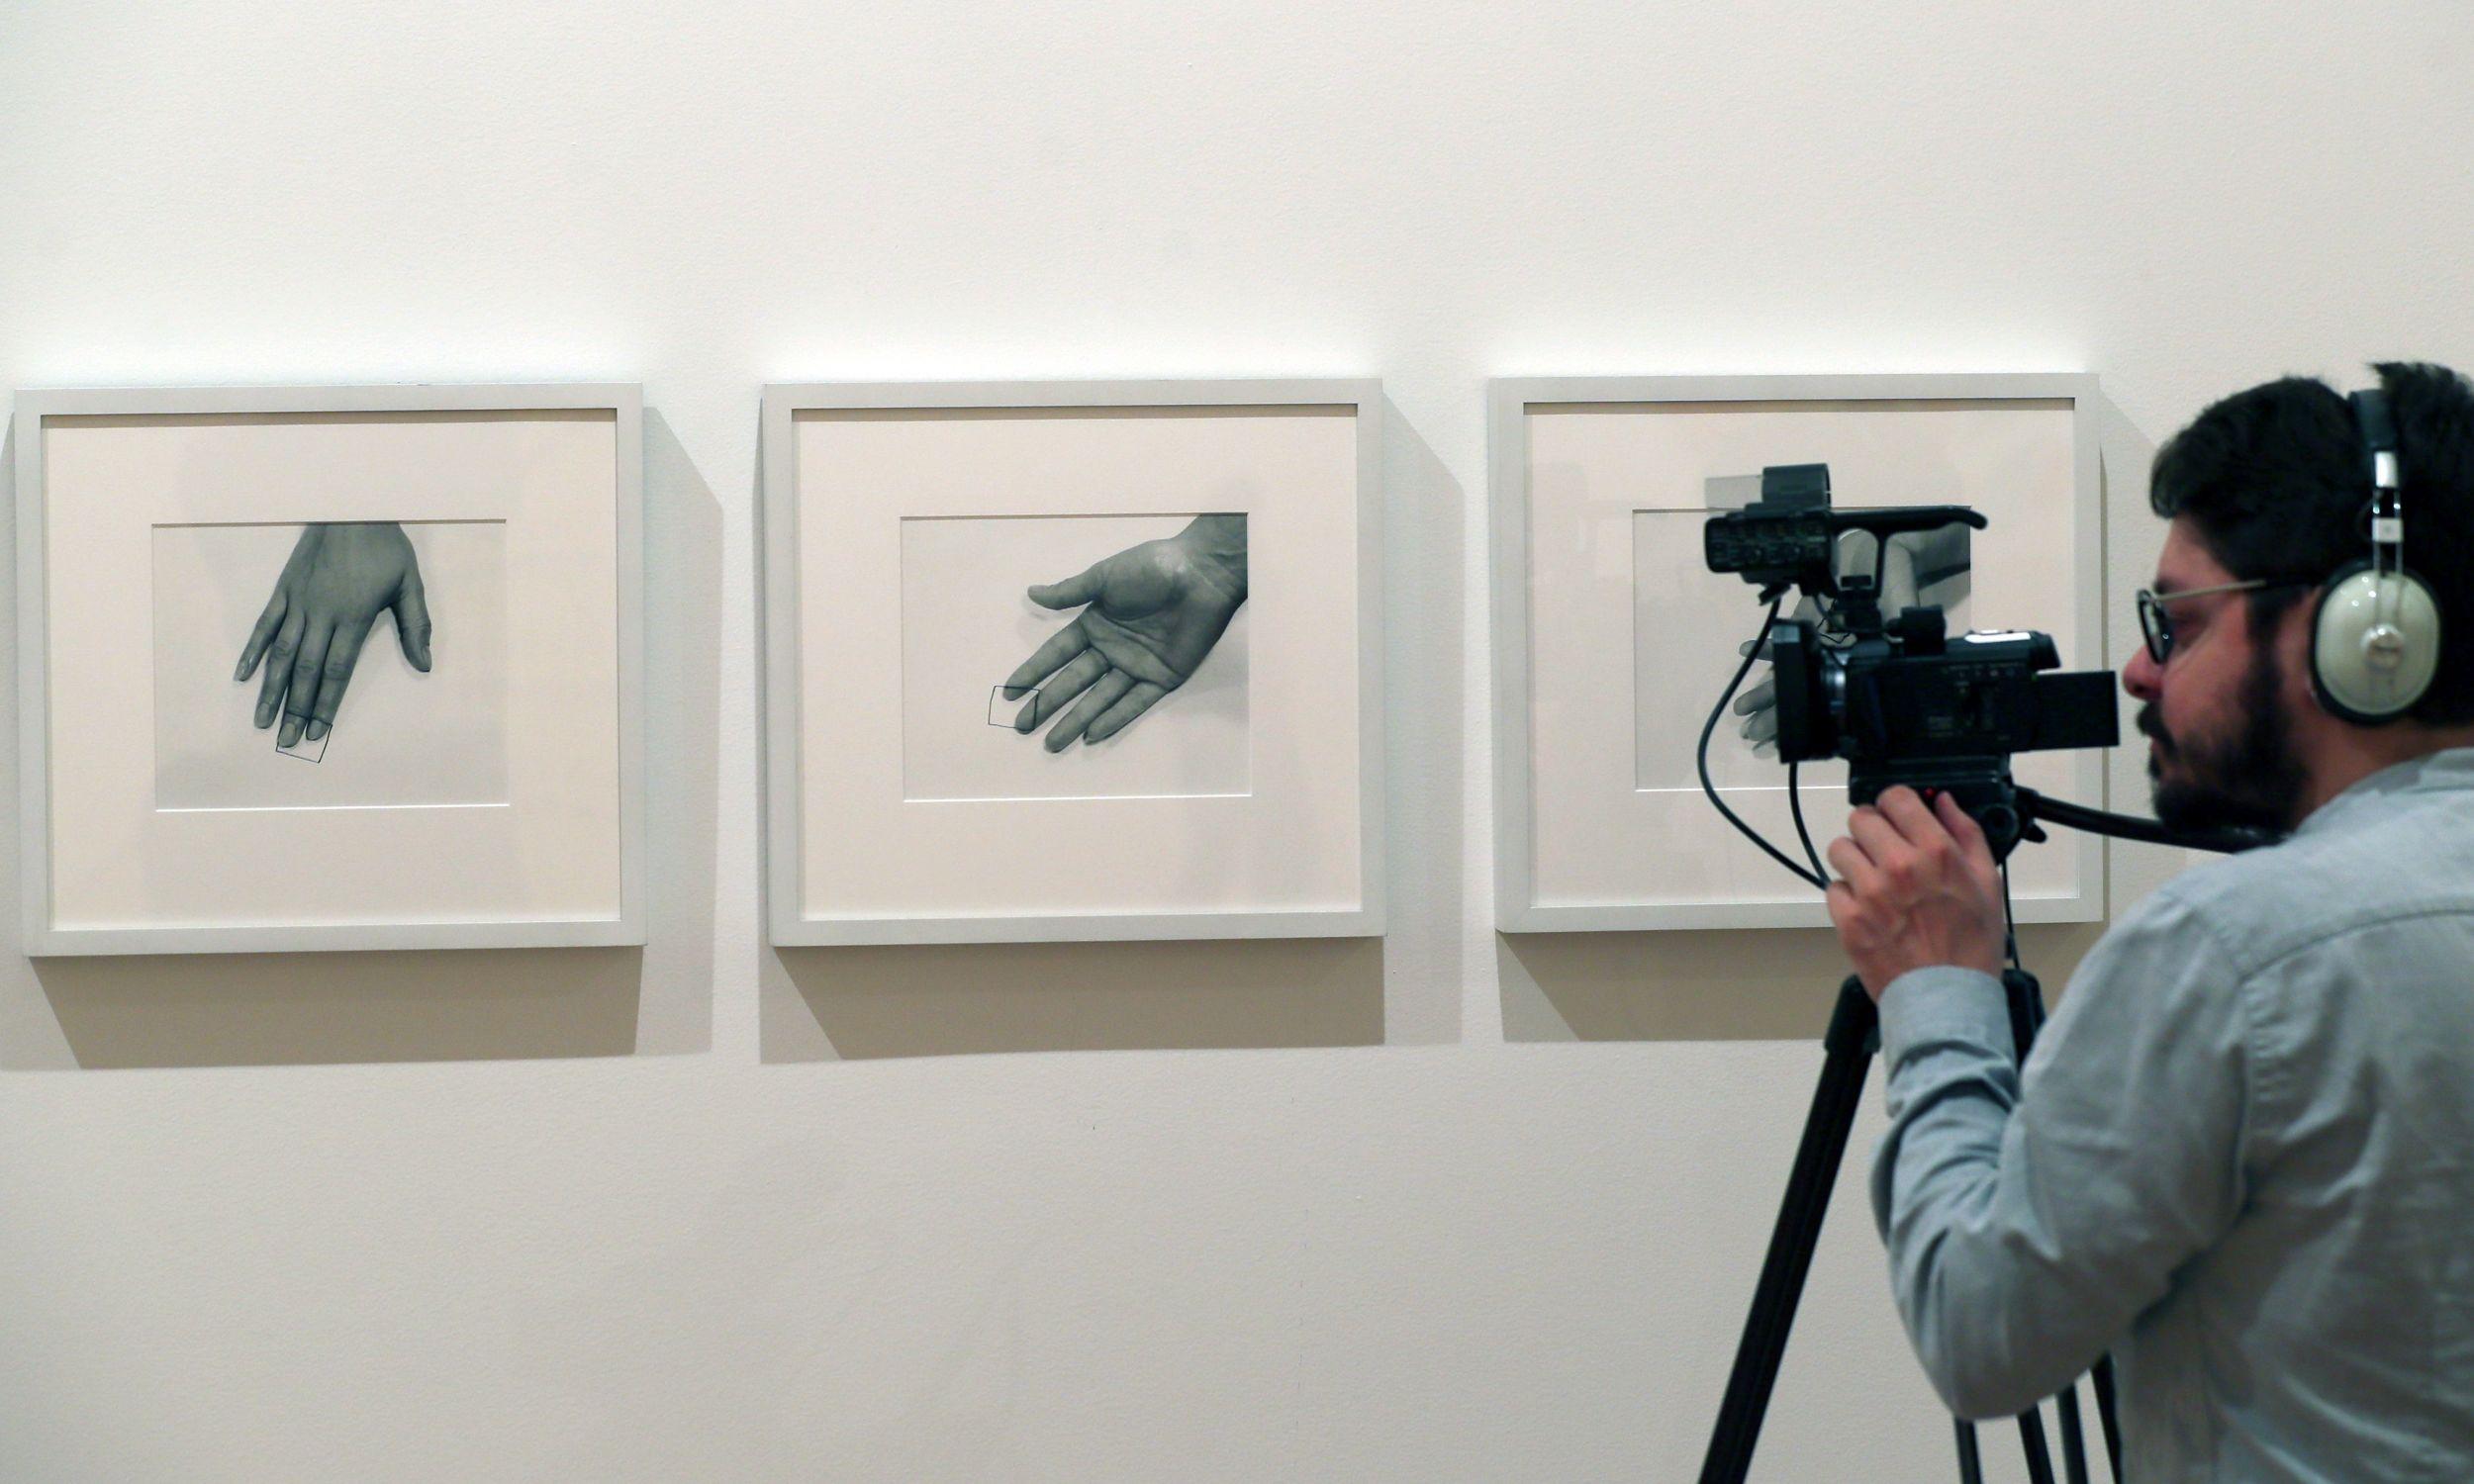 Wystawa artystki w Bogocie. Fot. PAP/EPA/ MAURICIO DUENAS CASTANEDA